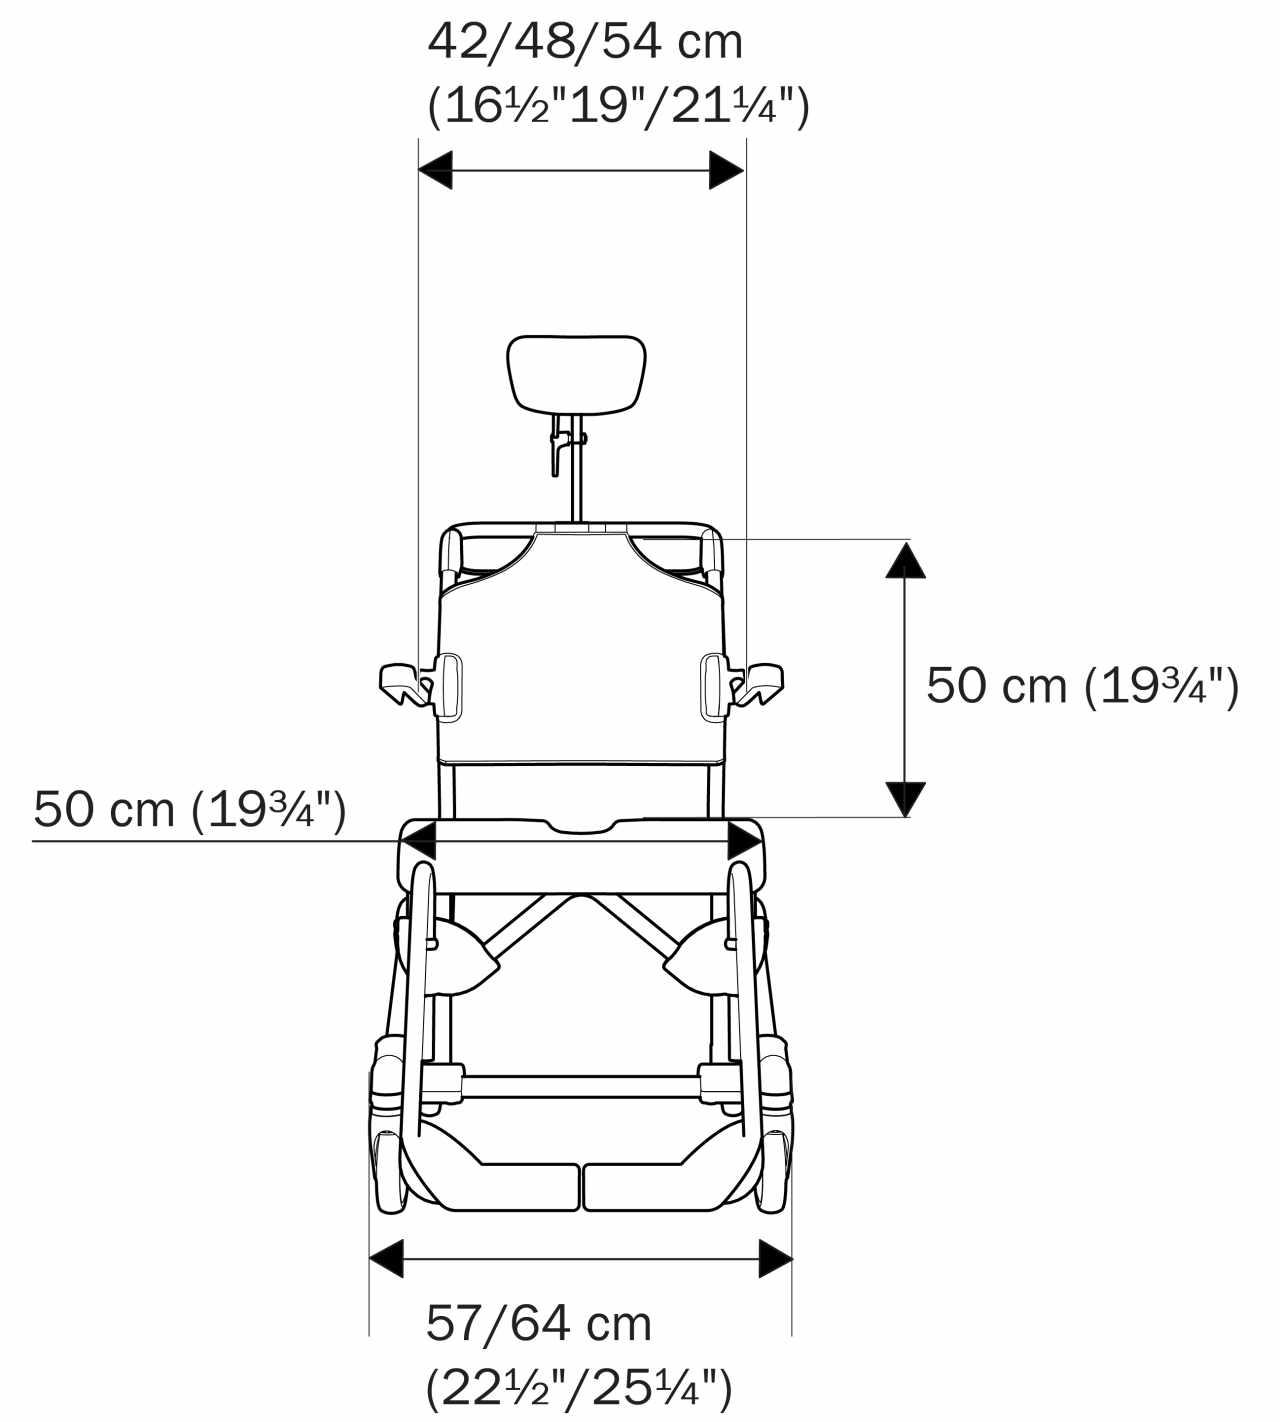 Etac Swift Mobile tilt chair